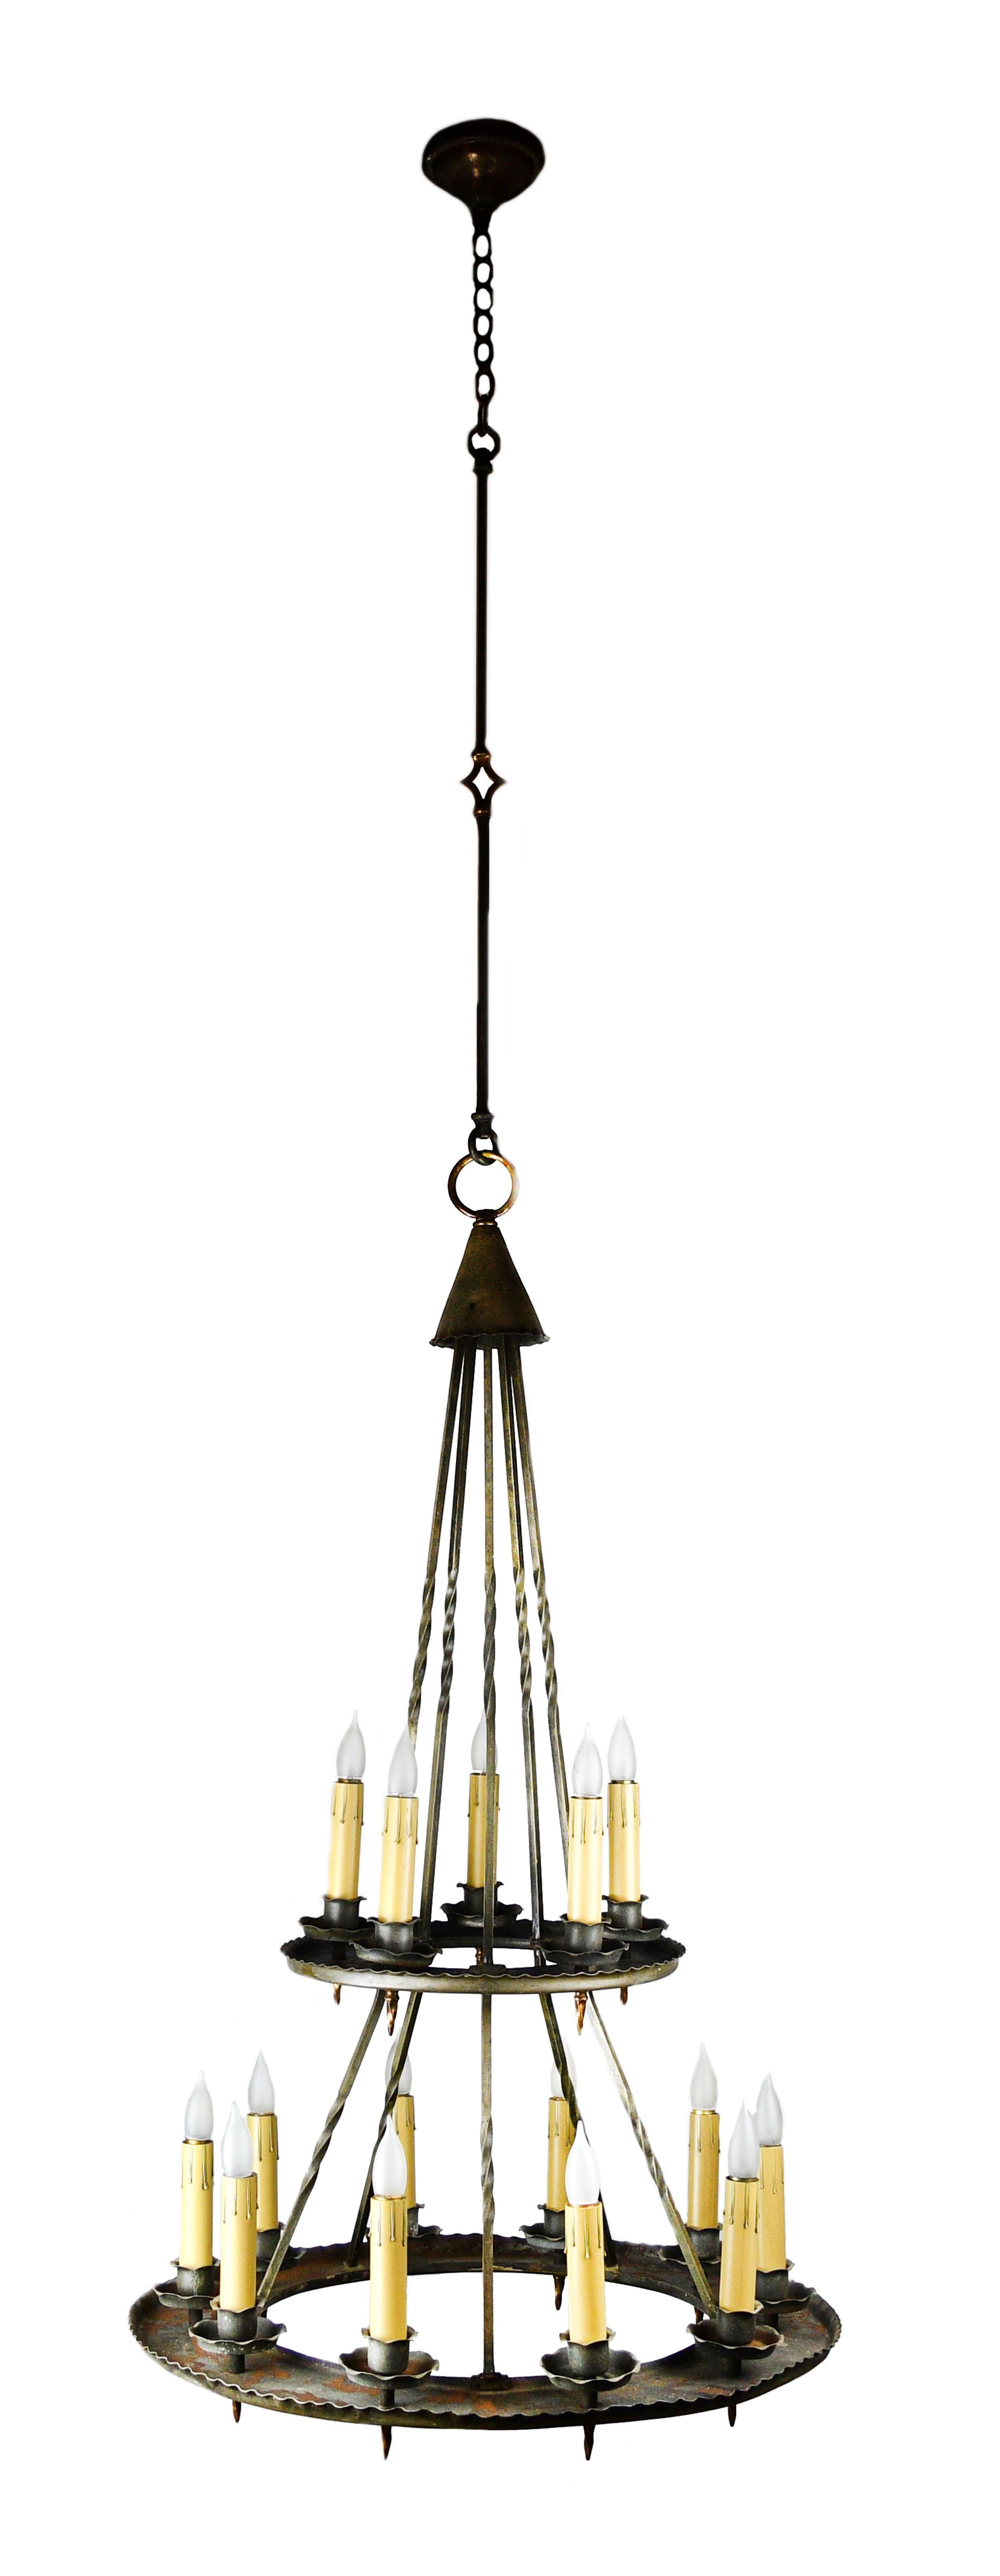 tall-chandelier-1.jpg